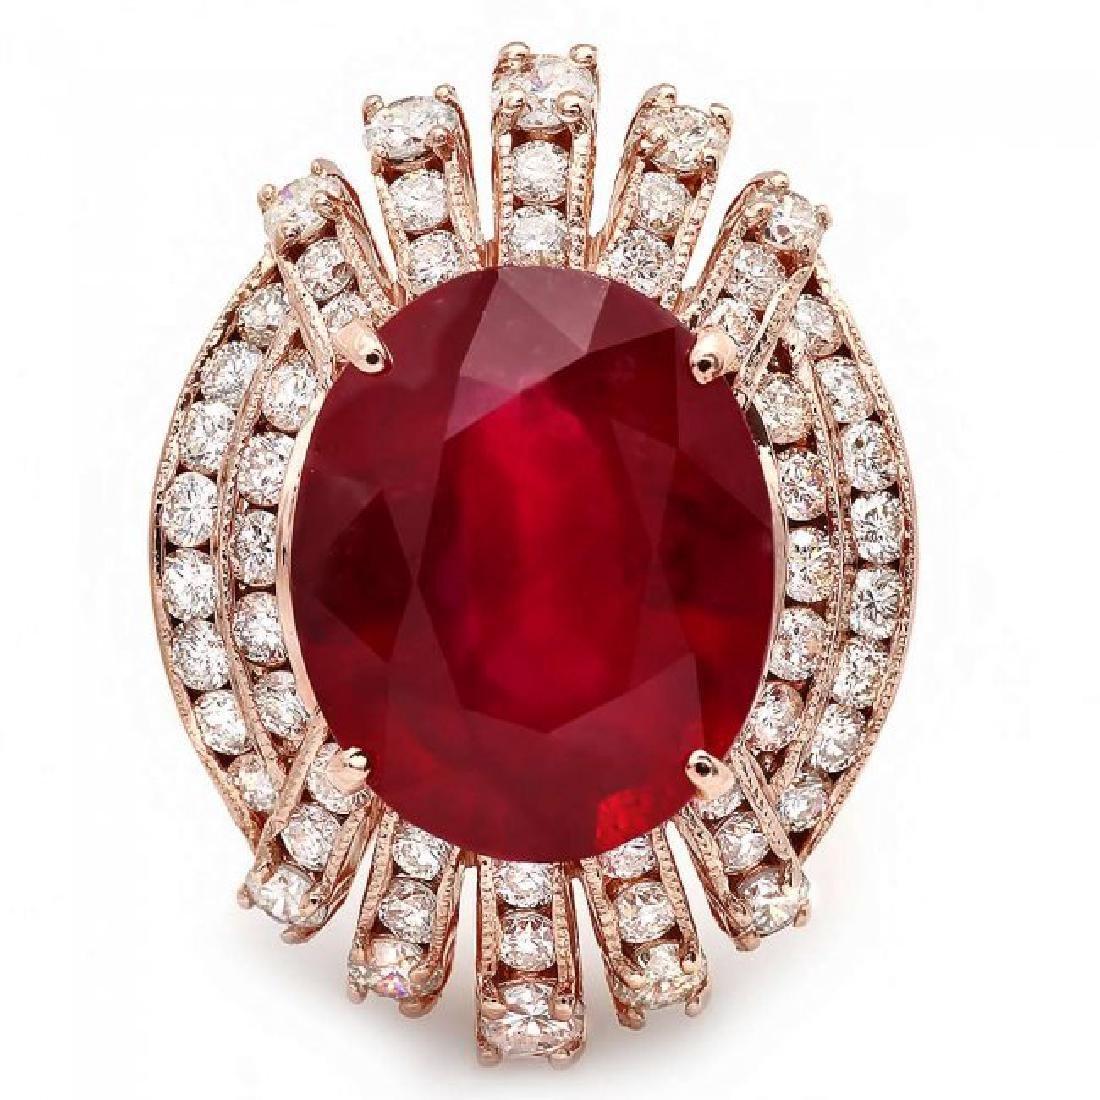 14k Rose Gold 10.00ct Ruby 1.85ct Diamond Ring - 2